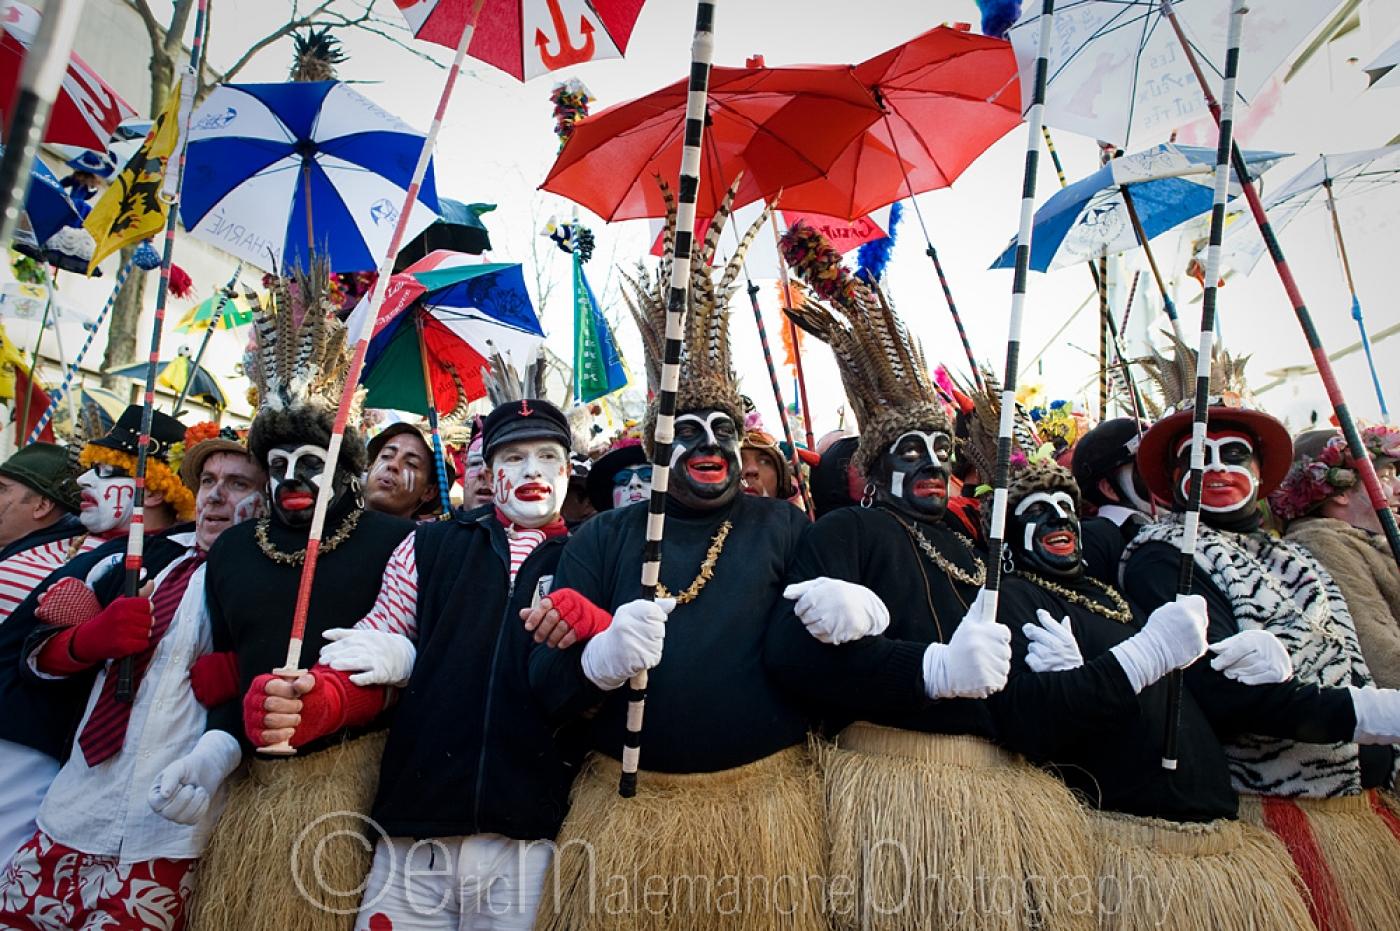 http://www.ericmalemanche.com/imagess/topics/carnaval-de-dunkerque/liste/Carnaval-Dunkerque-1439.jpg